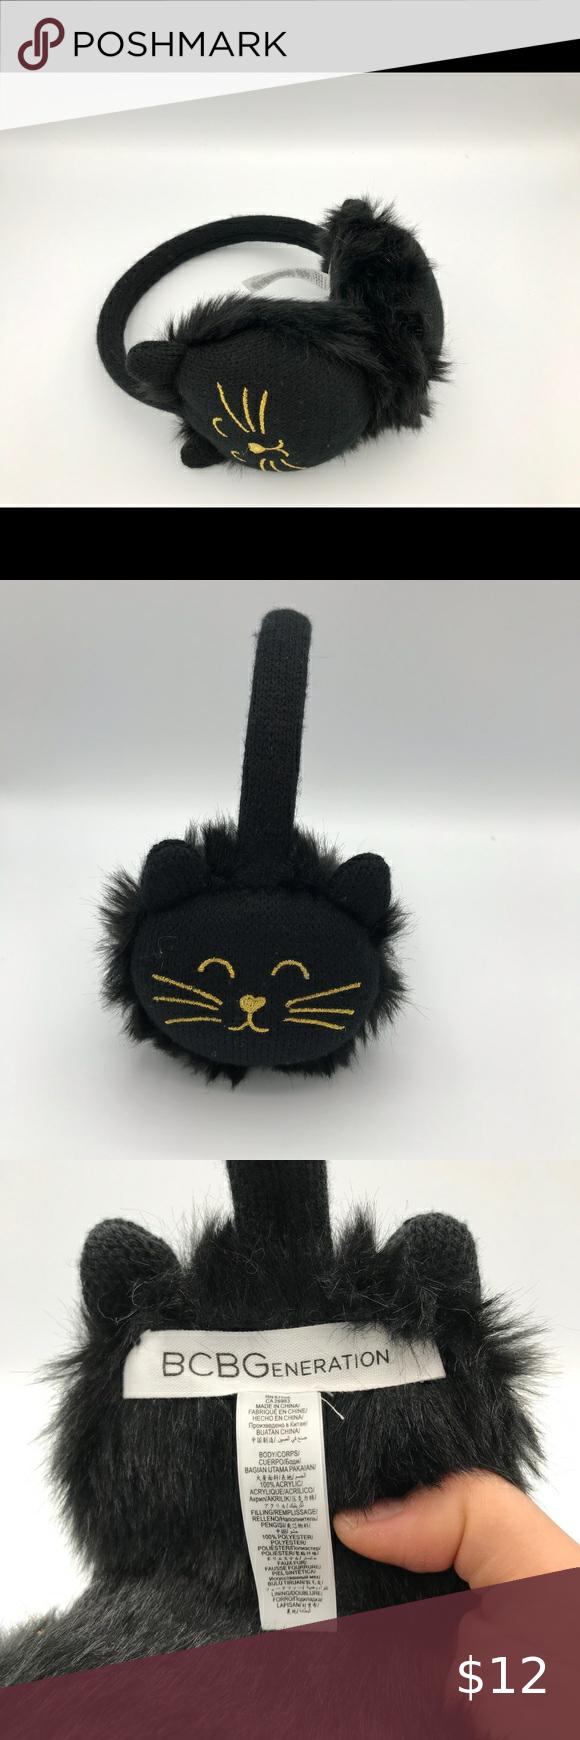 Brand New Black Fluffy Kitty Cat Ear Warmers Cat Ears Ear Warmers Kitty